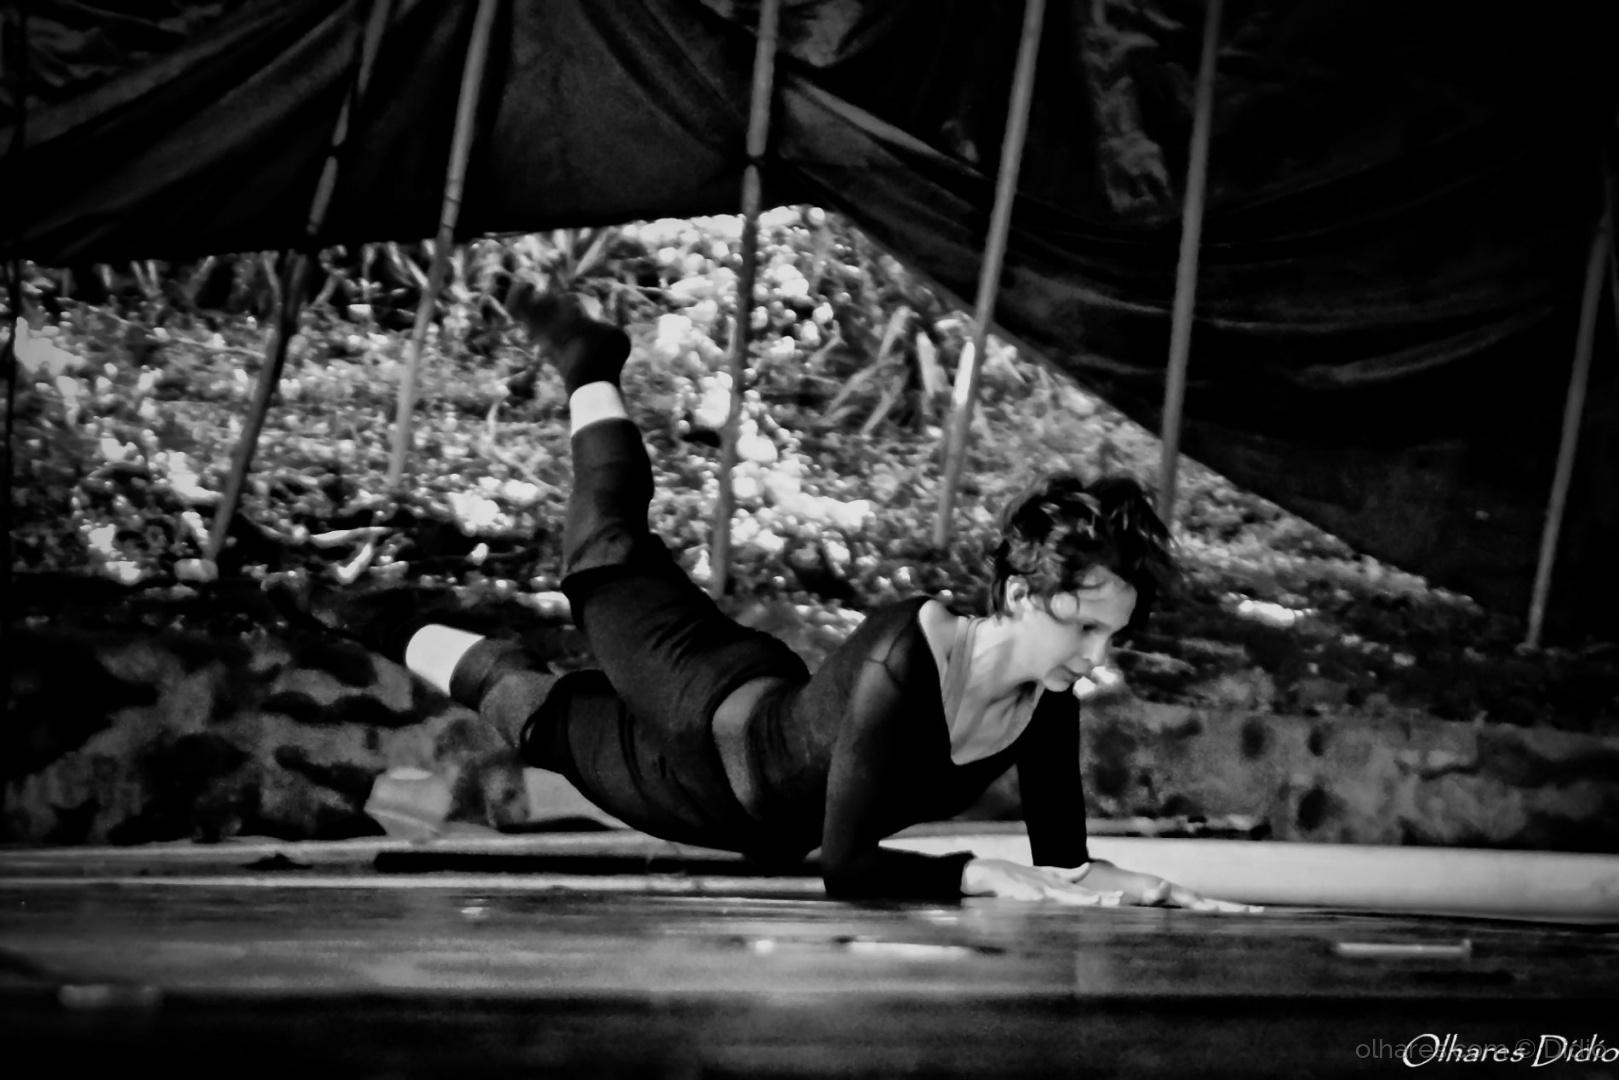 Espetáculos/Ballet no circo (descrição)